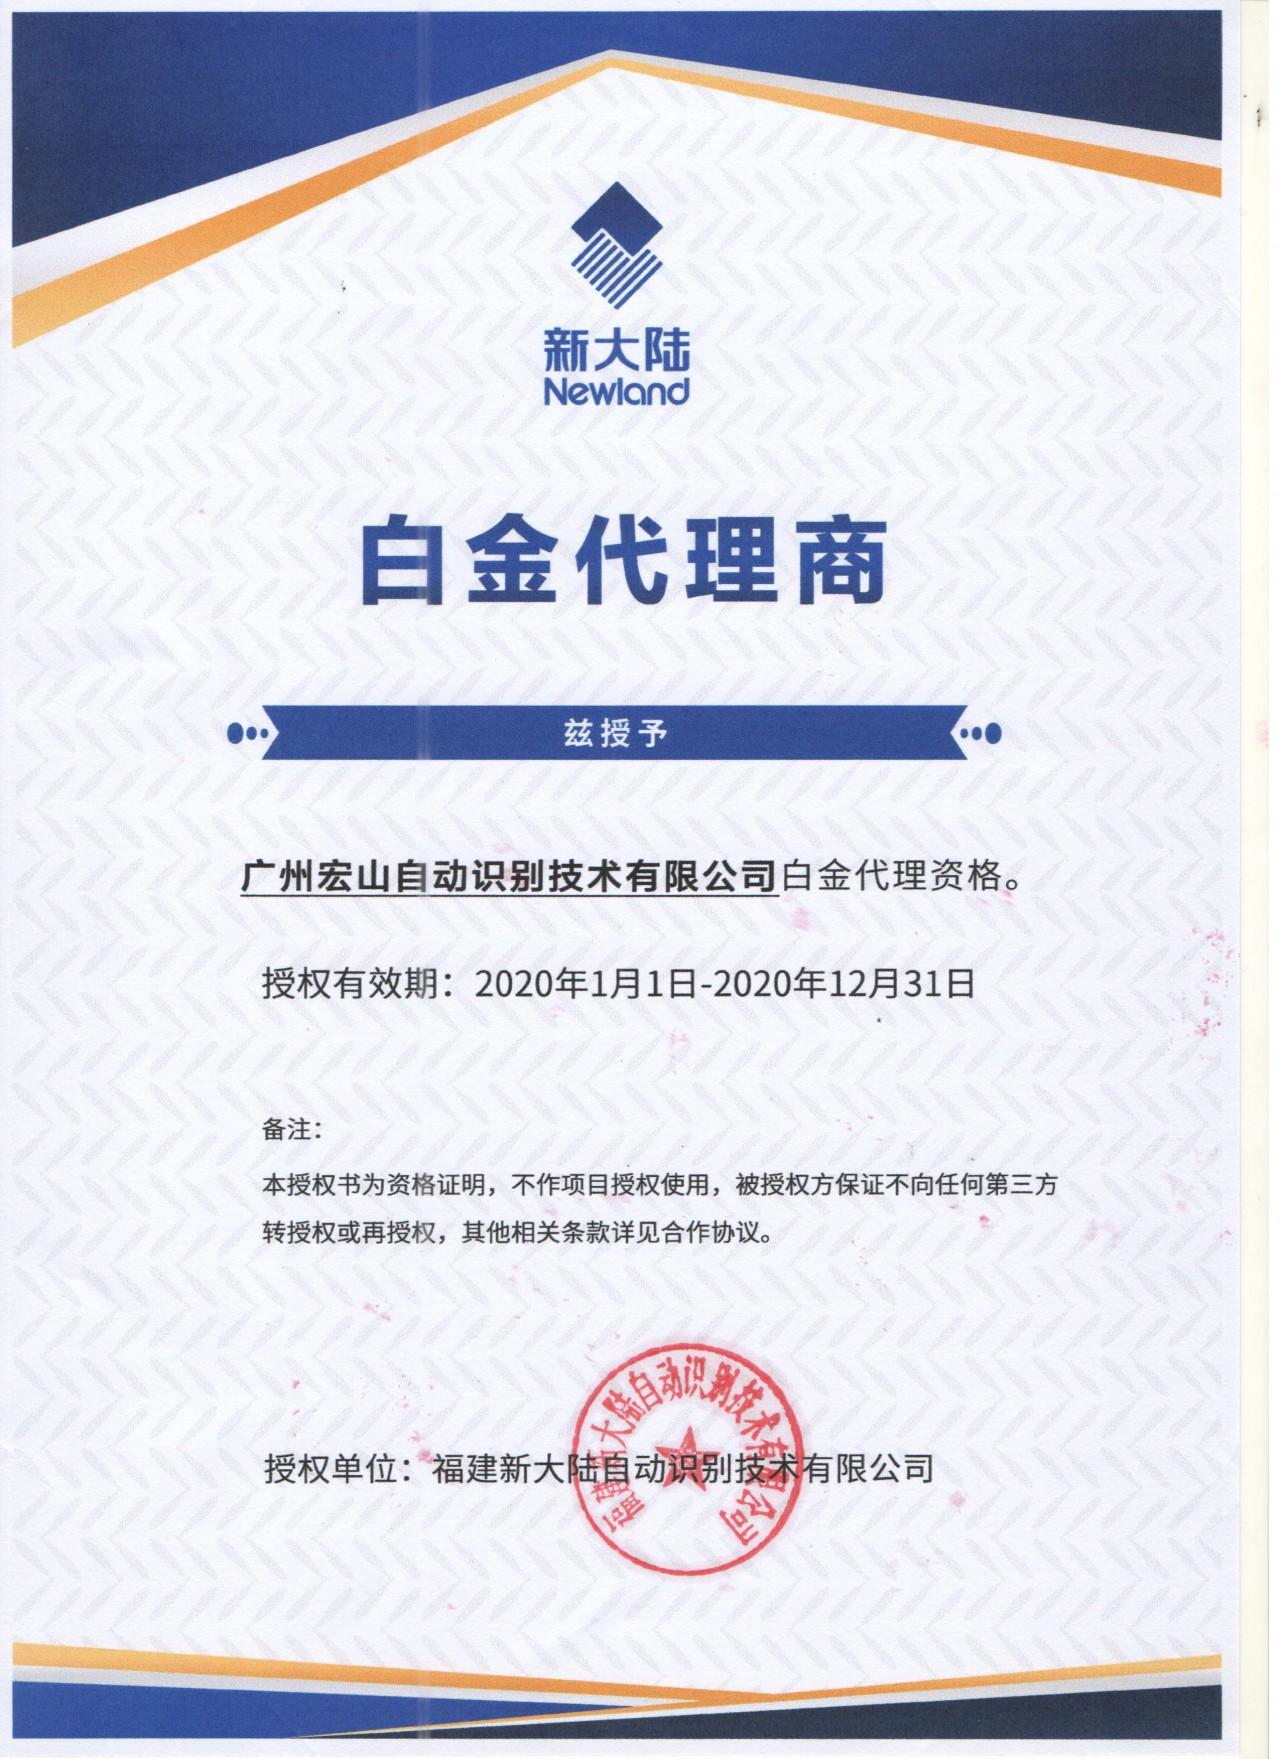 新大陸華南一級代理證書